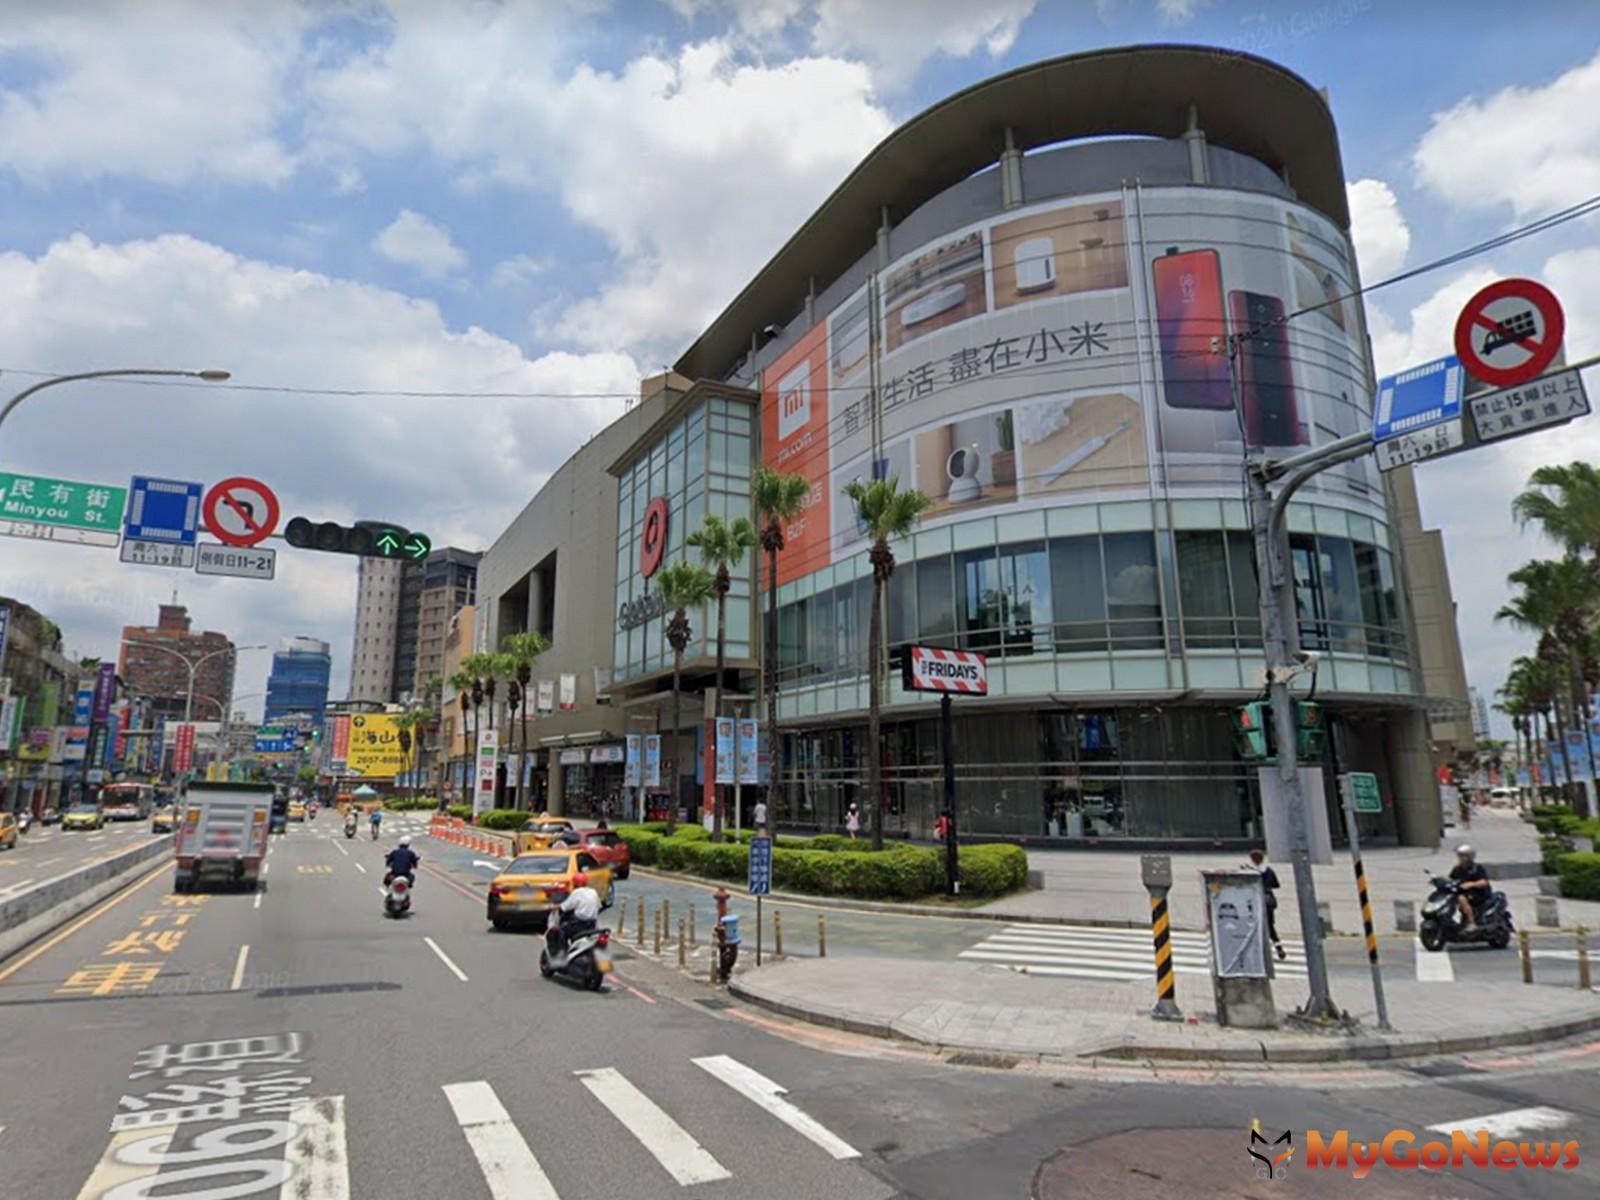 中和環球購物中心為區域內熱門指標(圖/東森房屋) MyGoNews房地產新聞 市場快訊